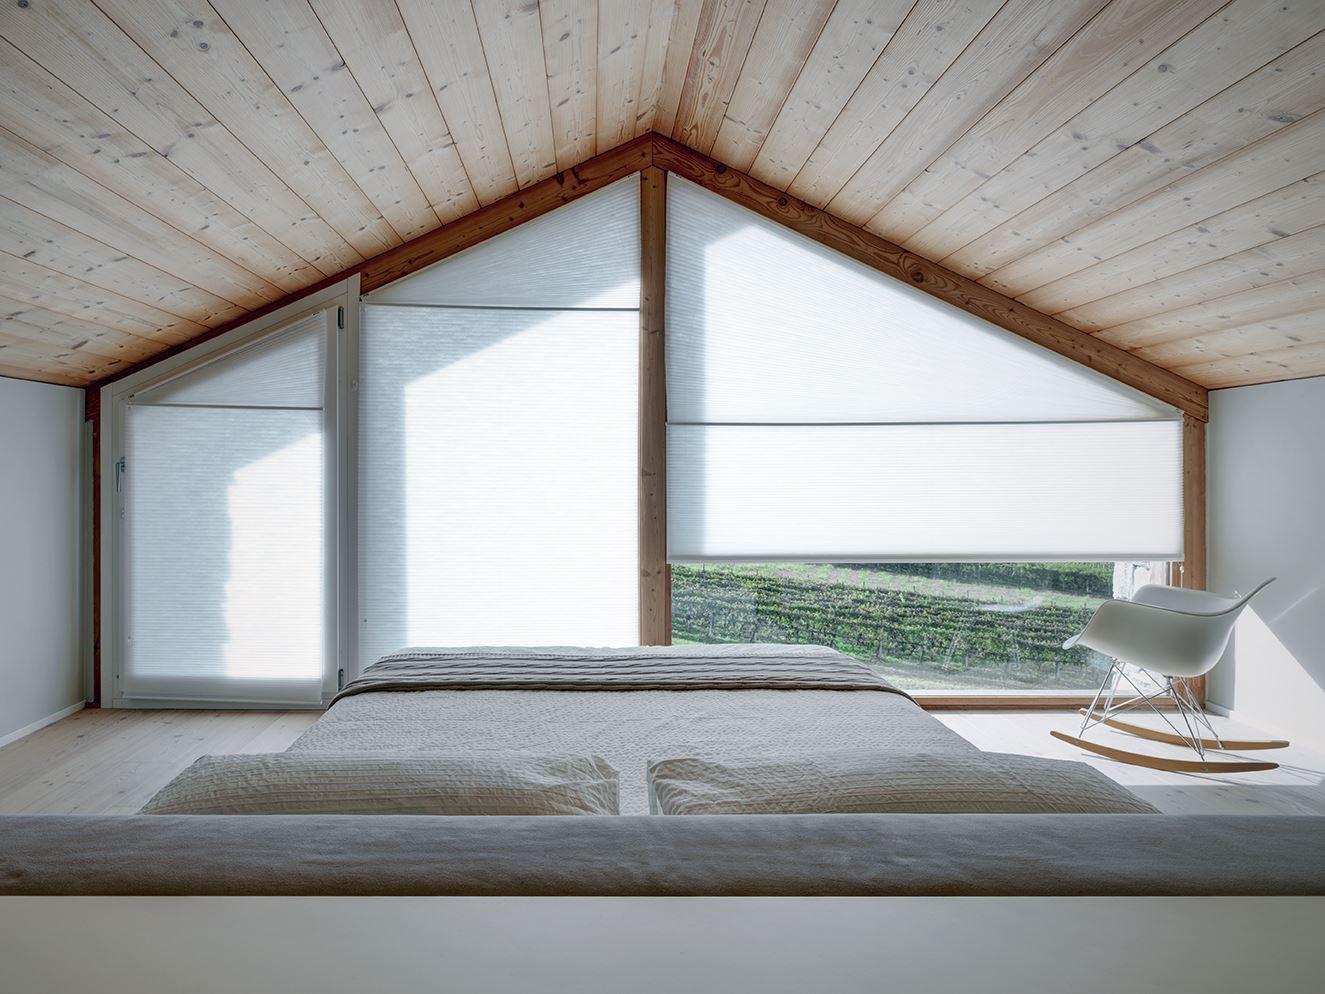 Una casa con mansarda sulle montagne for 5 piani di casa di tronchi di camera da letto